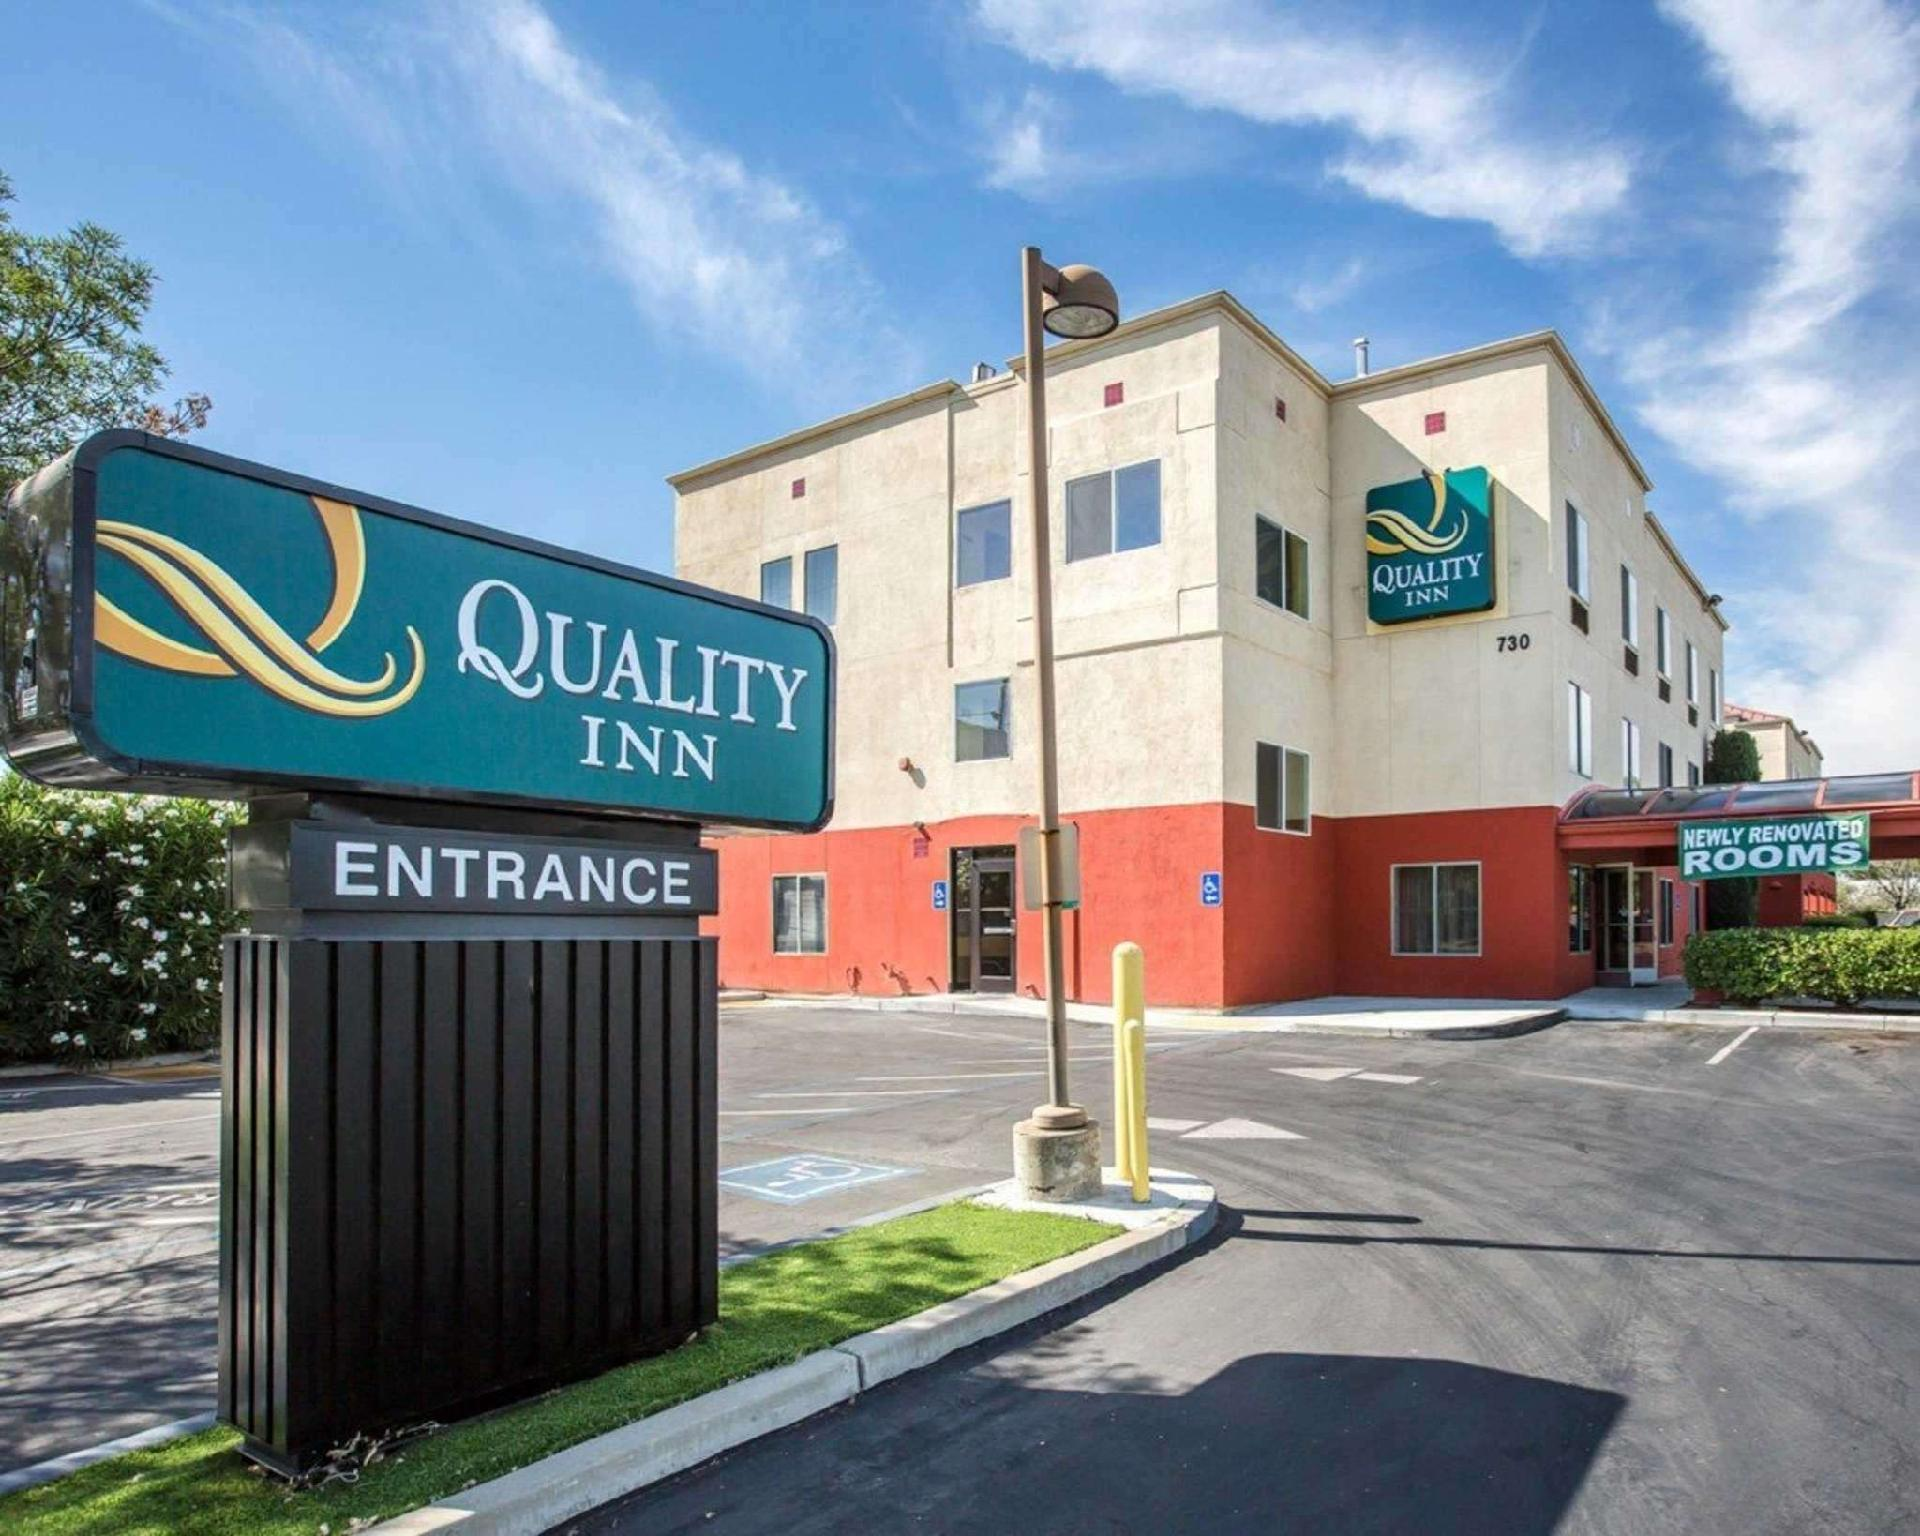 Quality Inn Merced Gateway to Yosemite, Merced